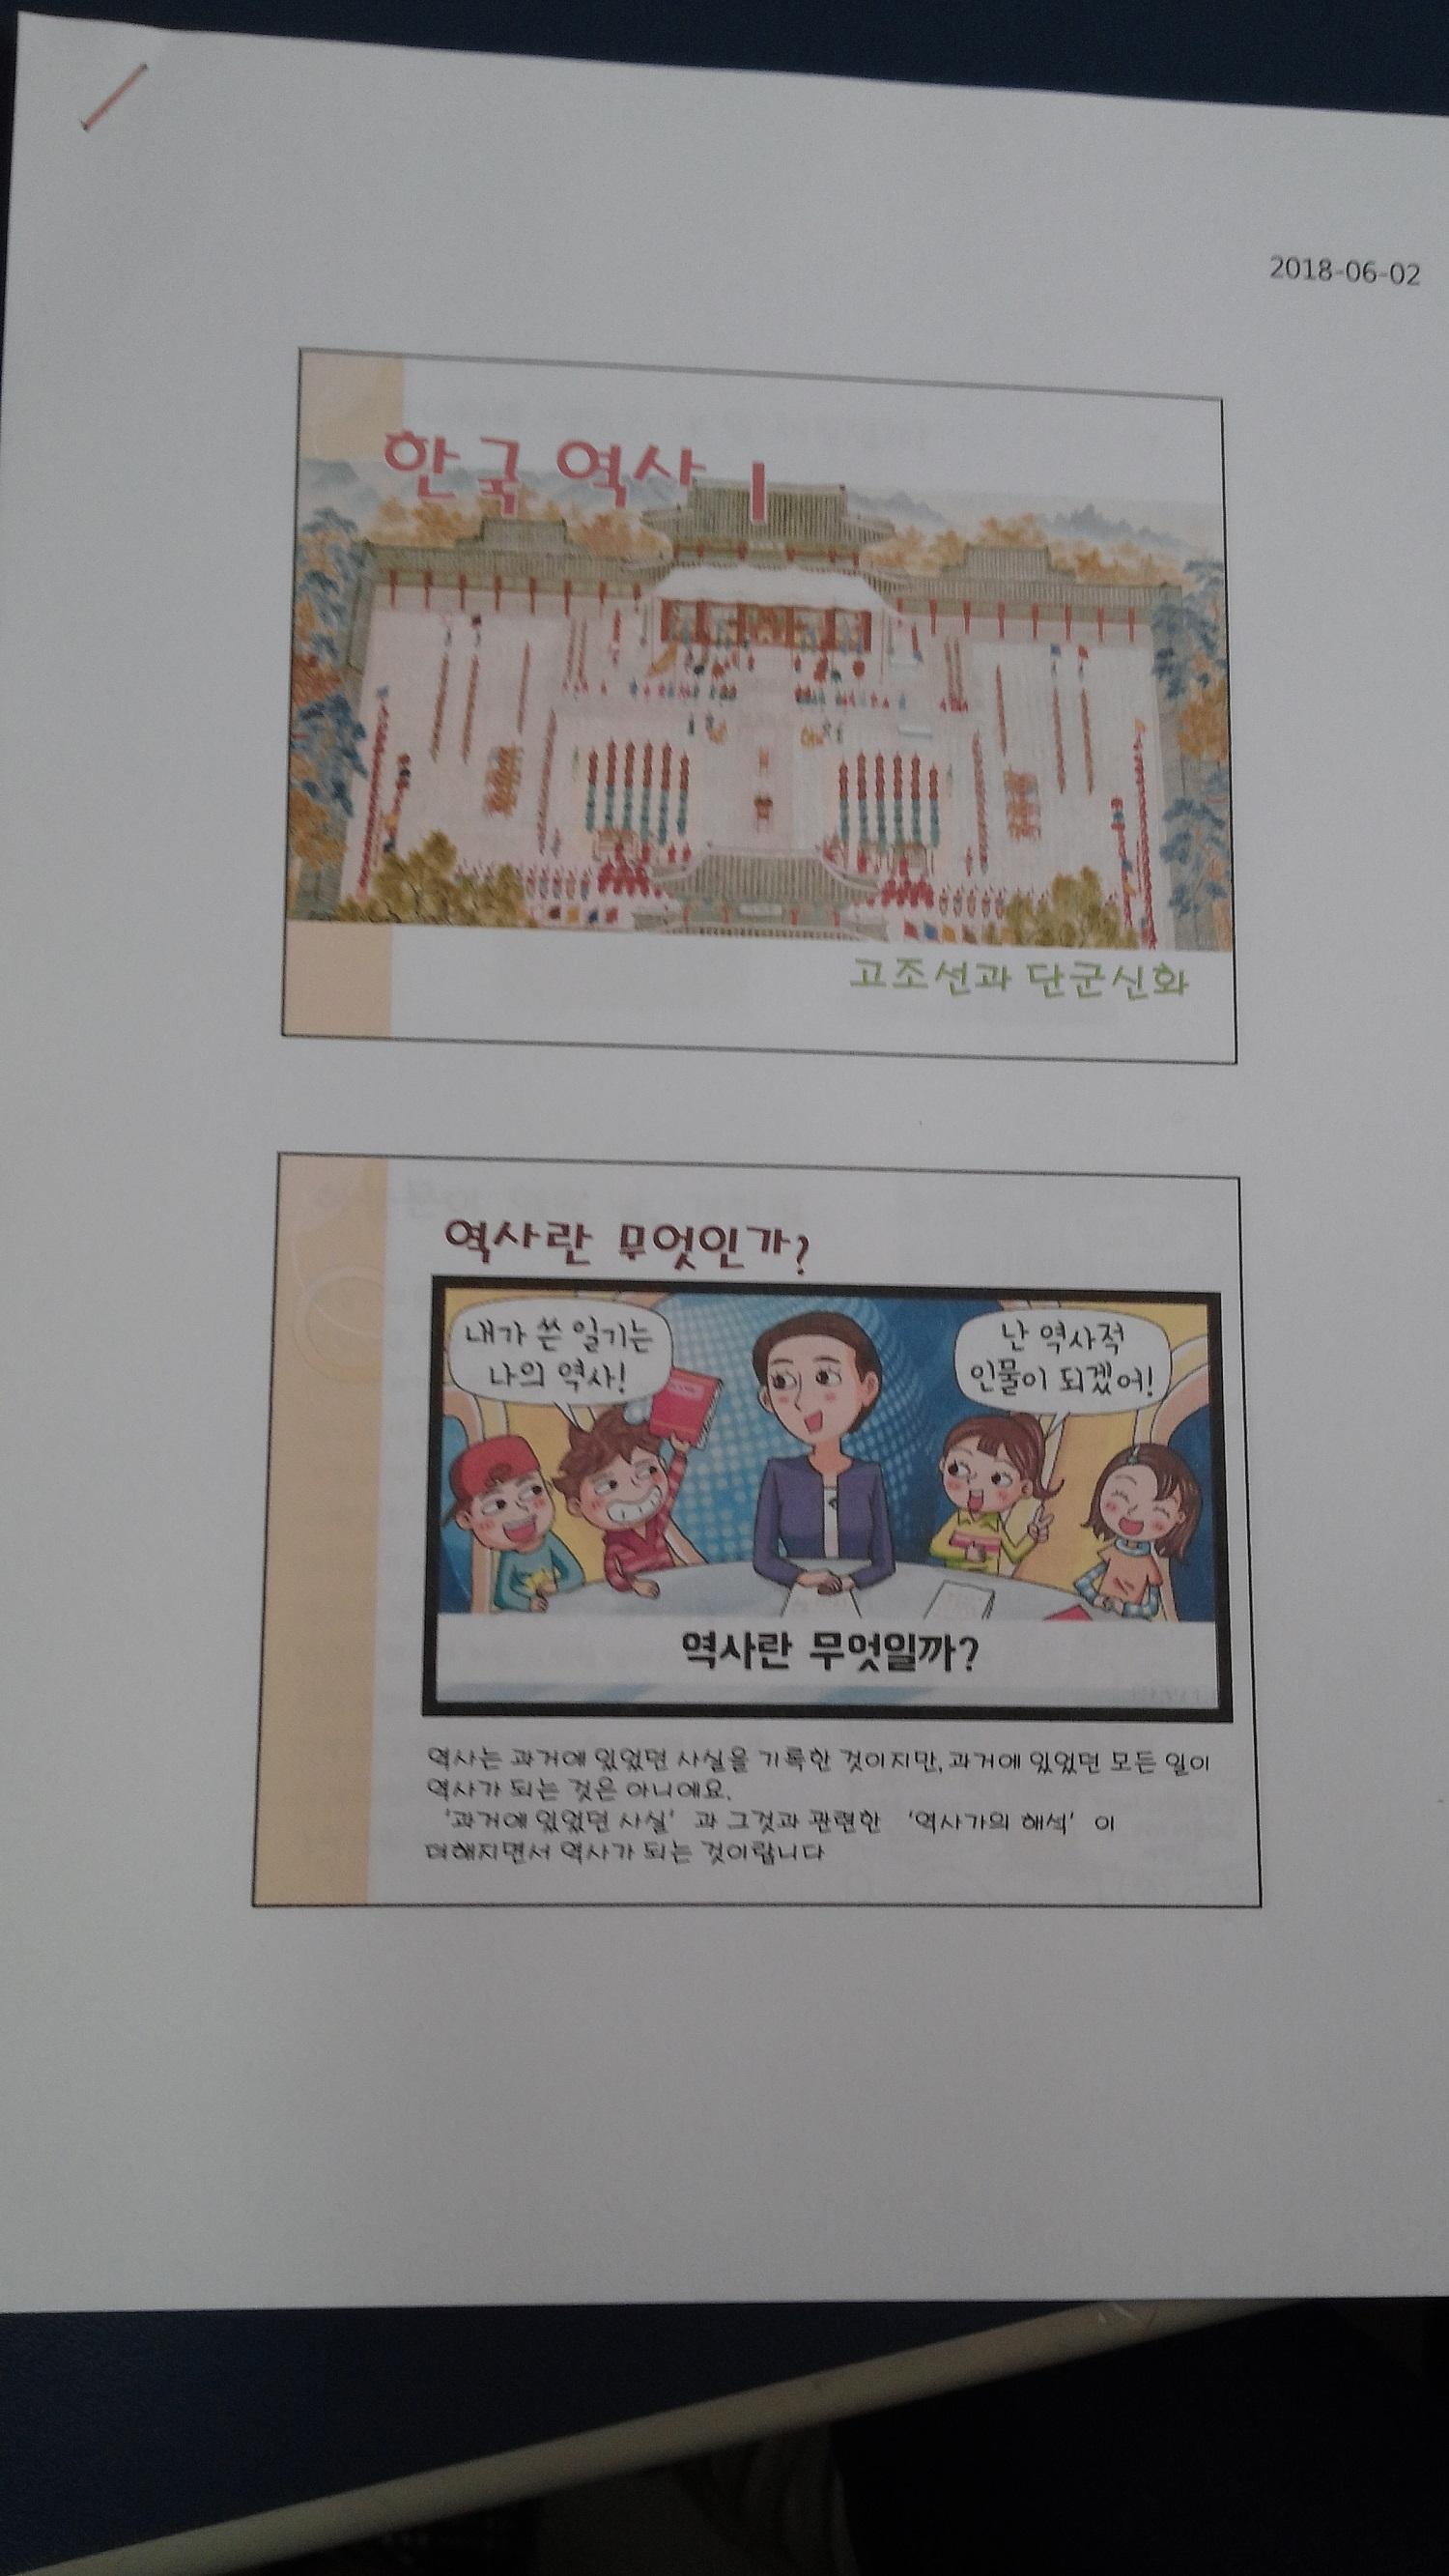 역사캠프 수업자료(대건한글학교 제공).jpg